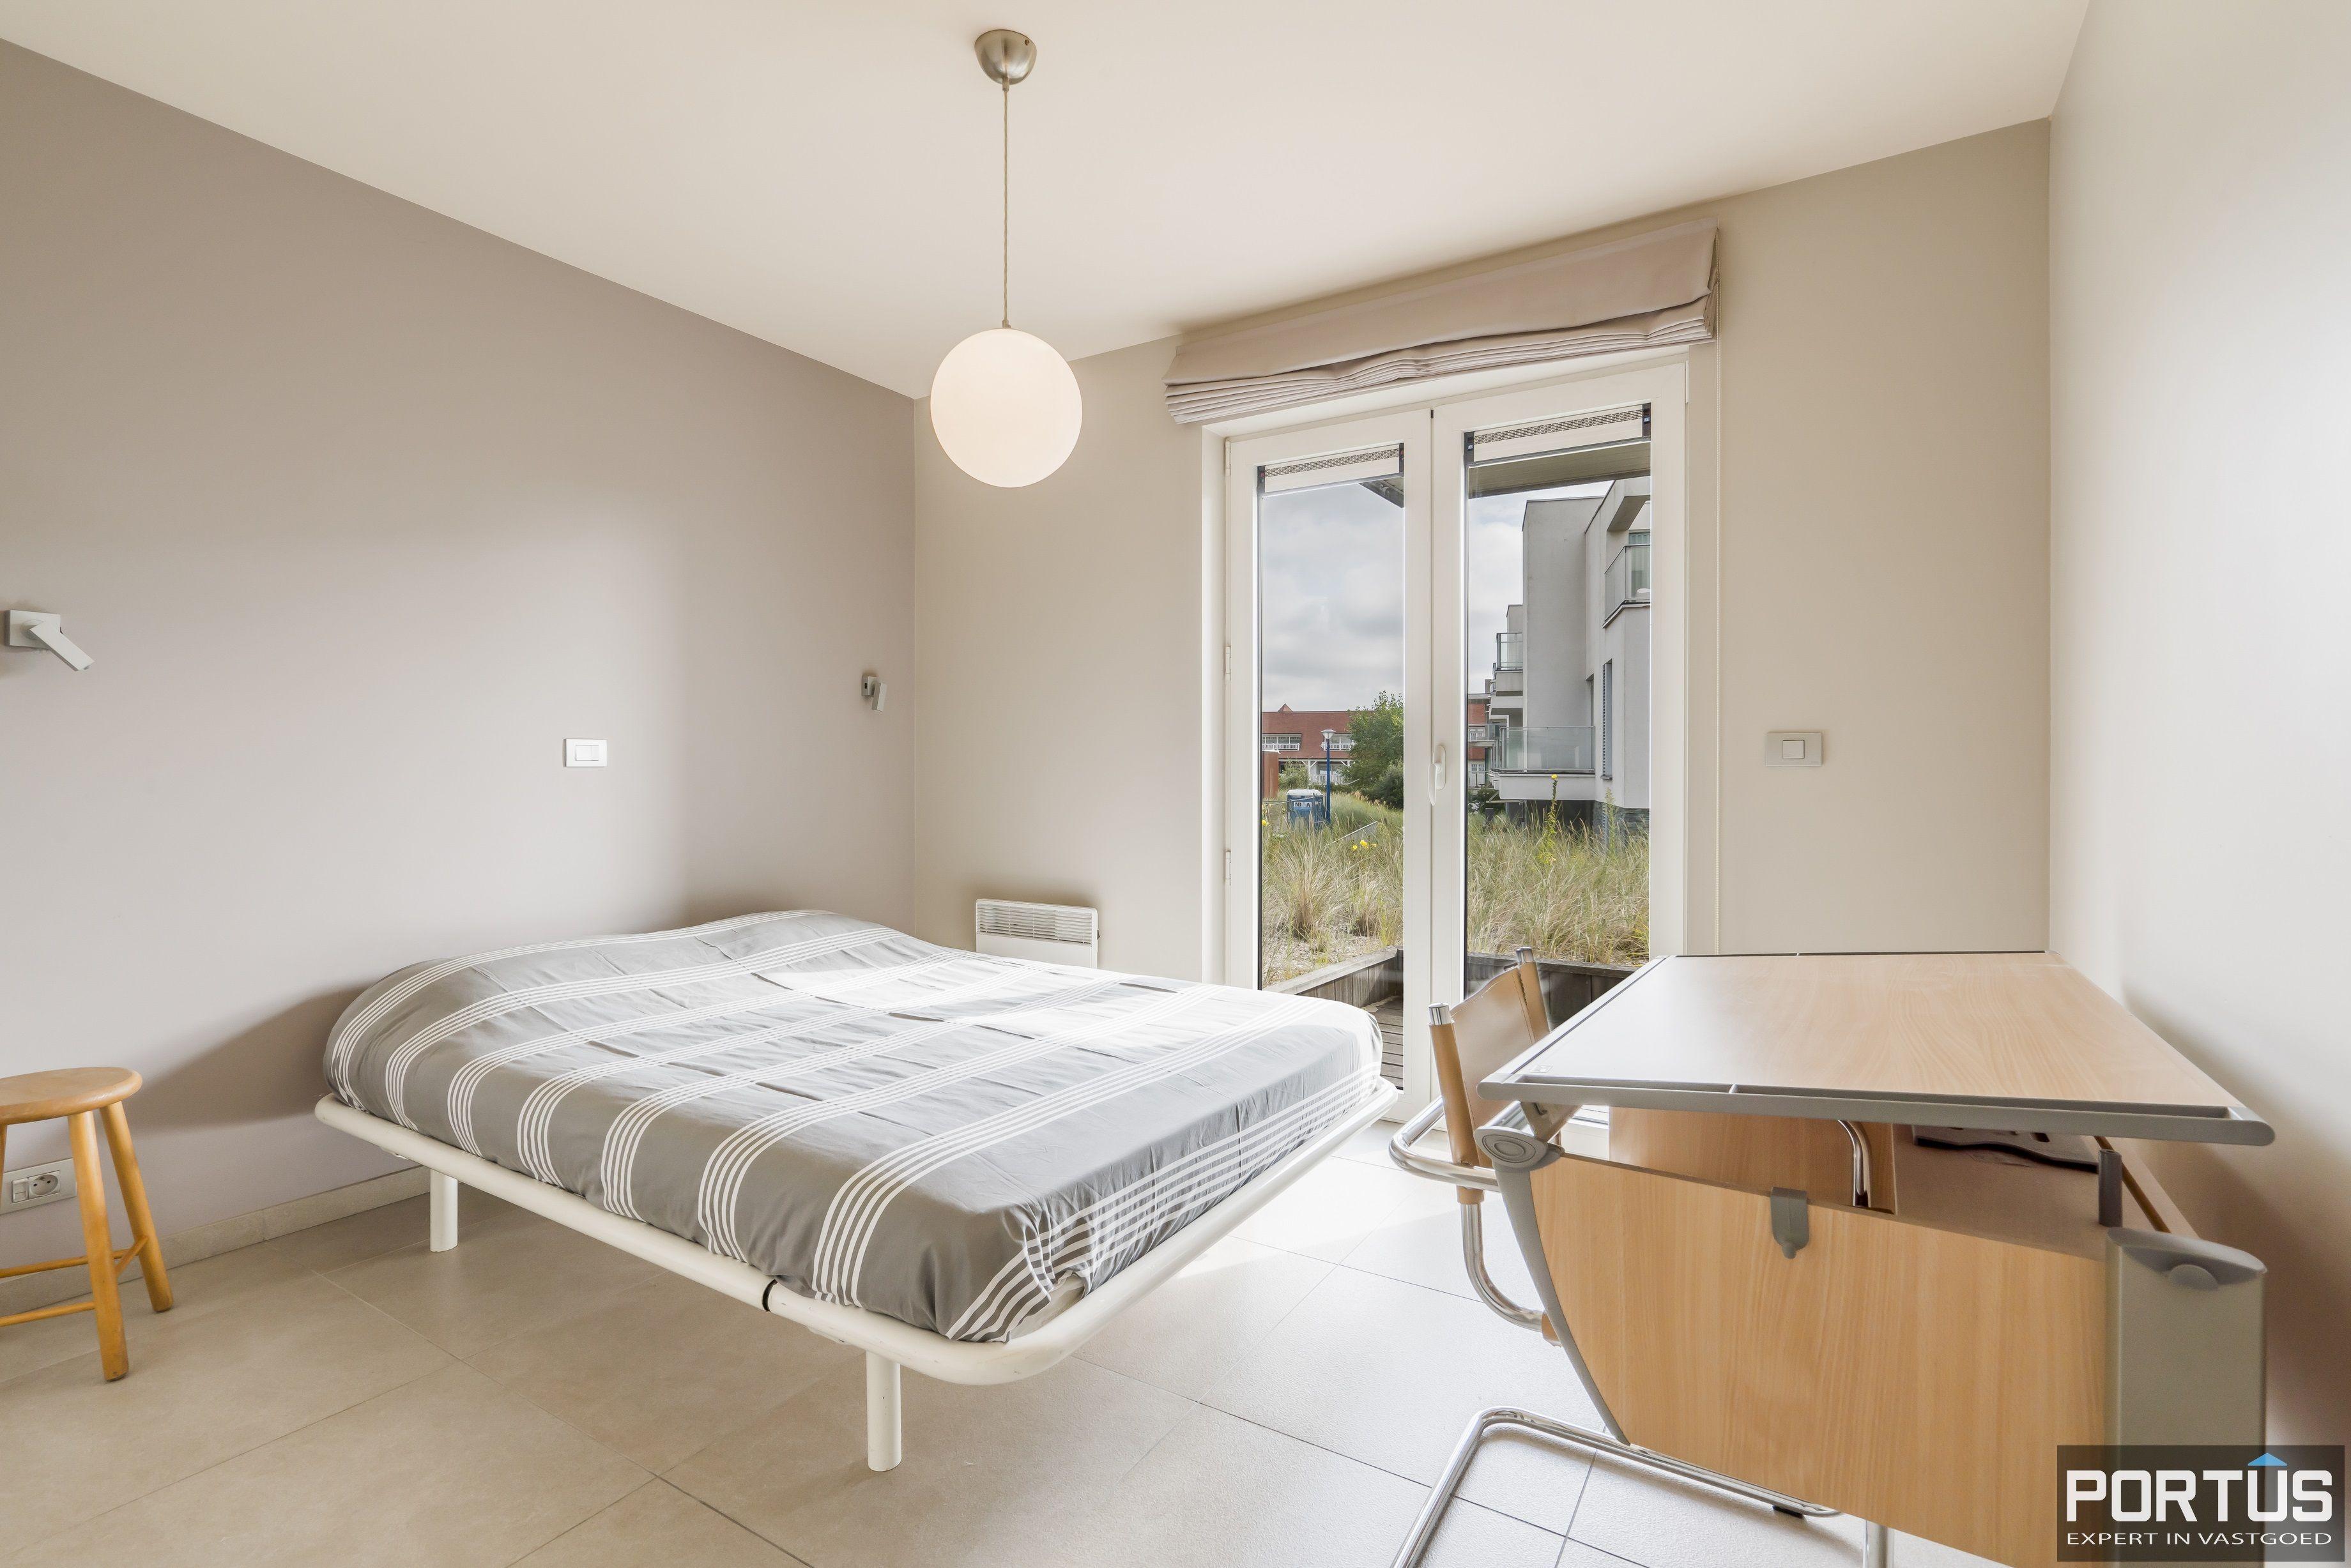 Gelijkvloers appartement met rustige ligging te koop te Oostduinkerke - 13829